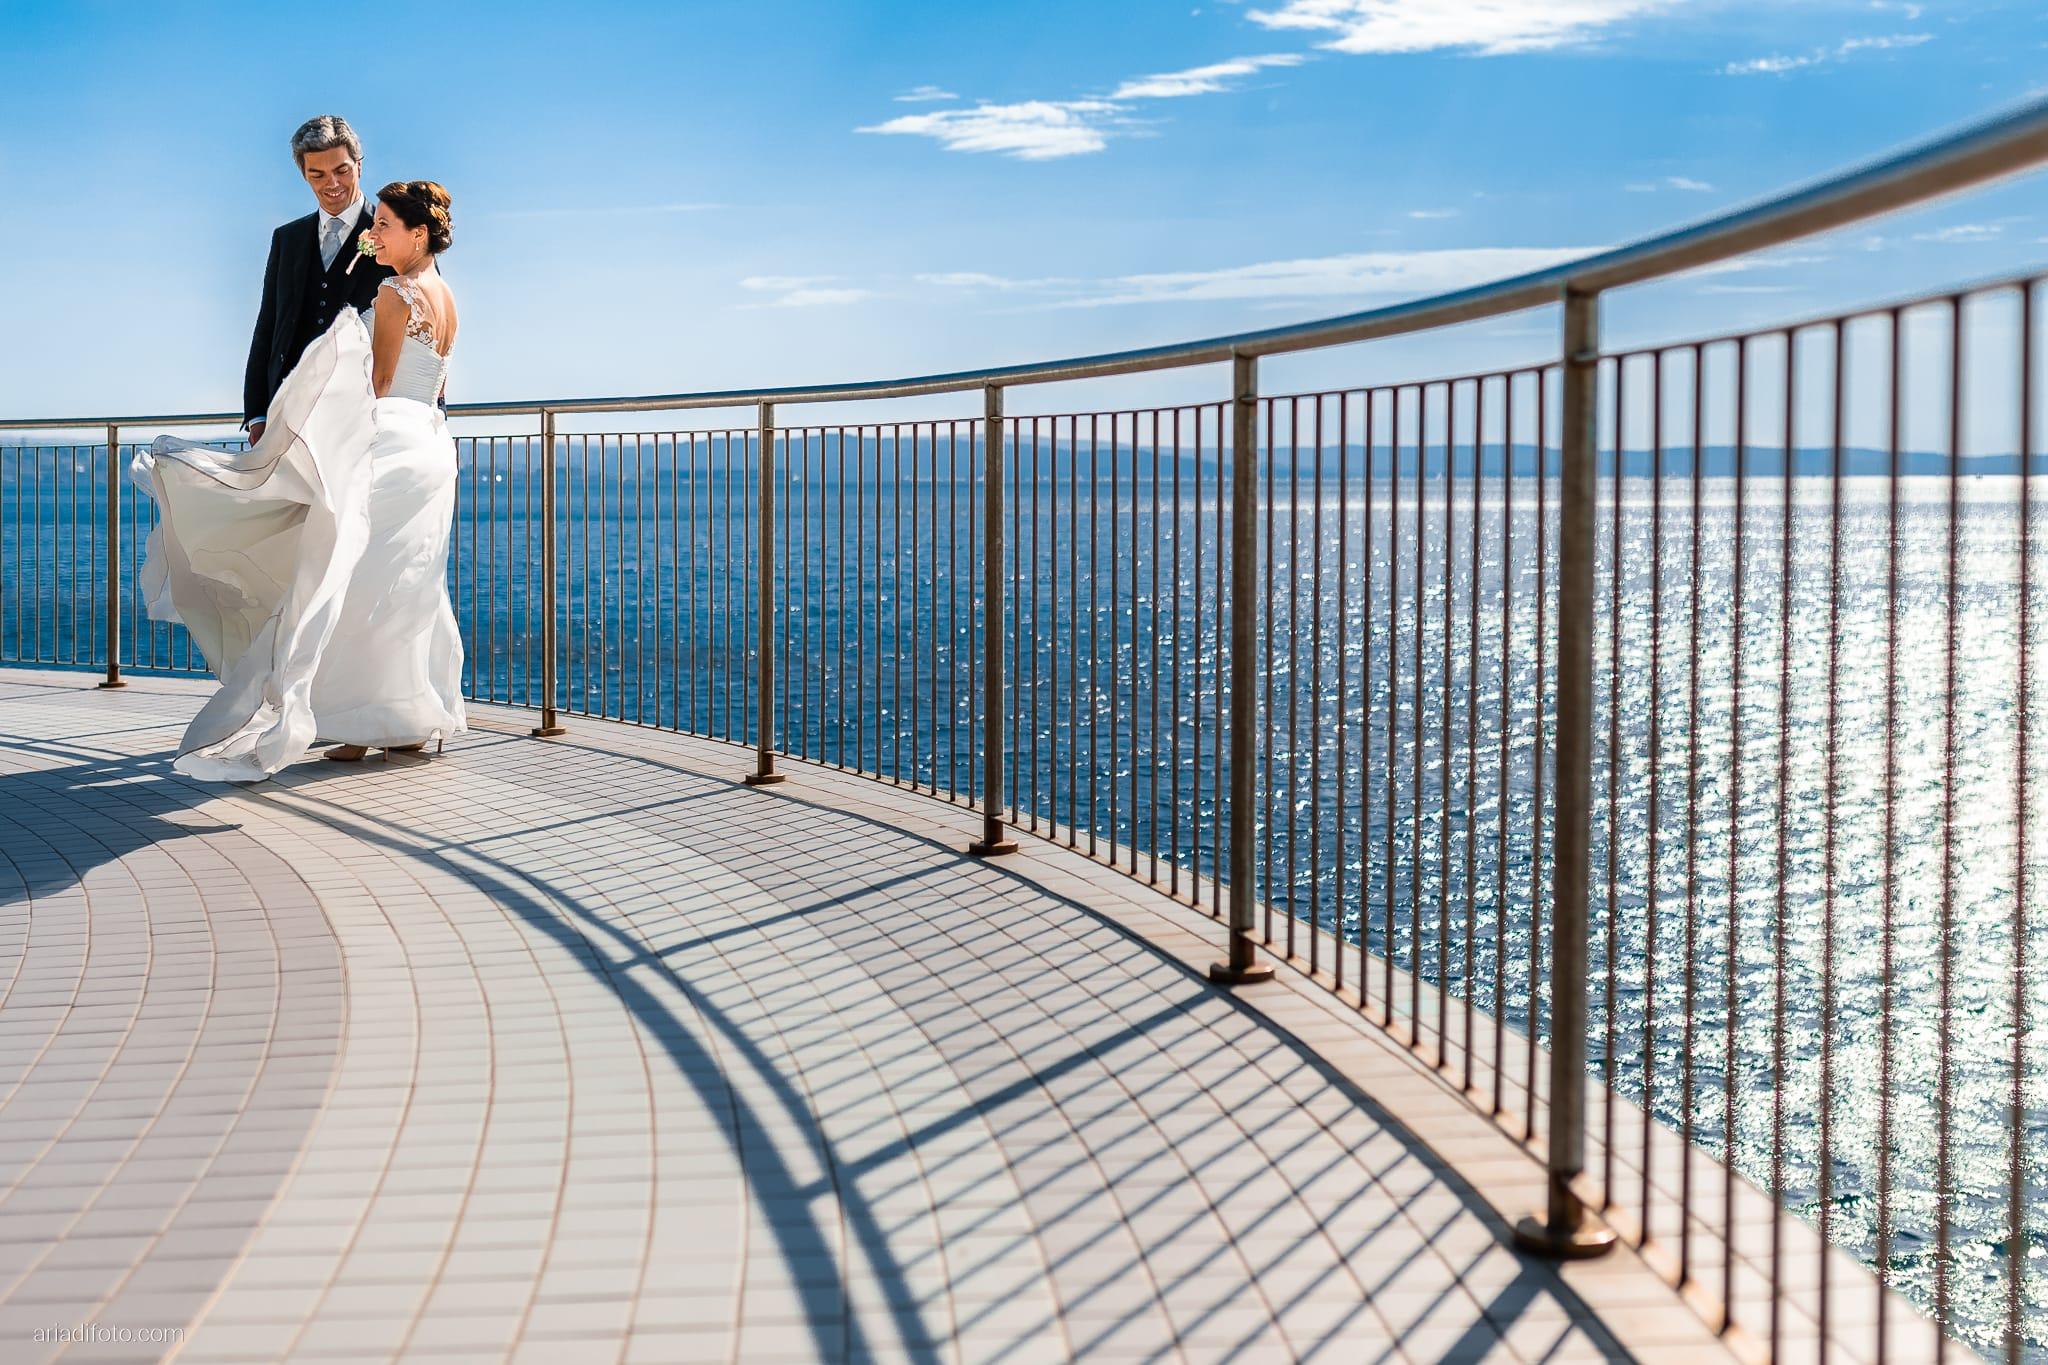 Tatiana Marco Matrimonio Trieste Baronesse Tacco San Floriano Collio Gorizia ritratti sposi Barcola vento abito